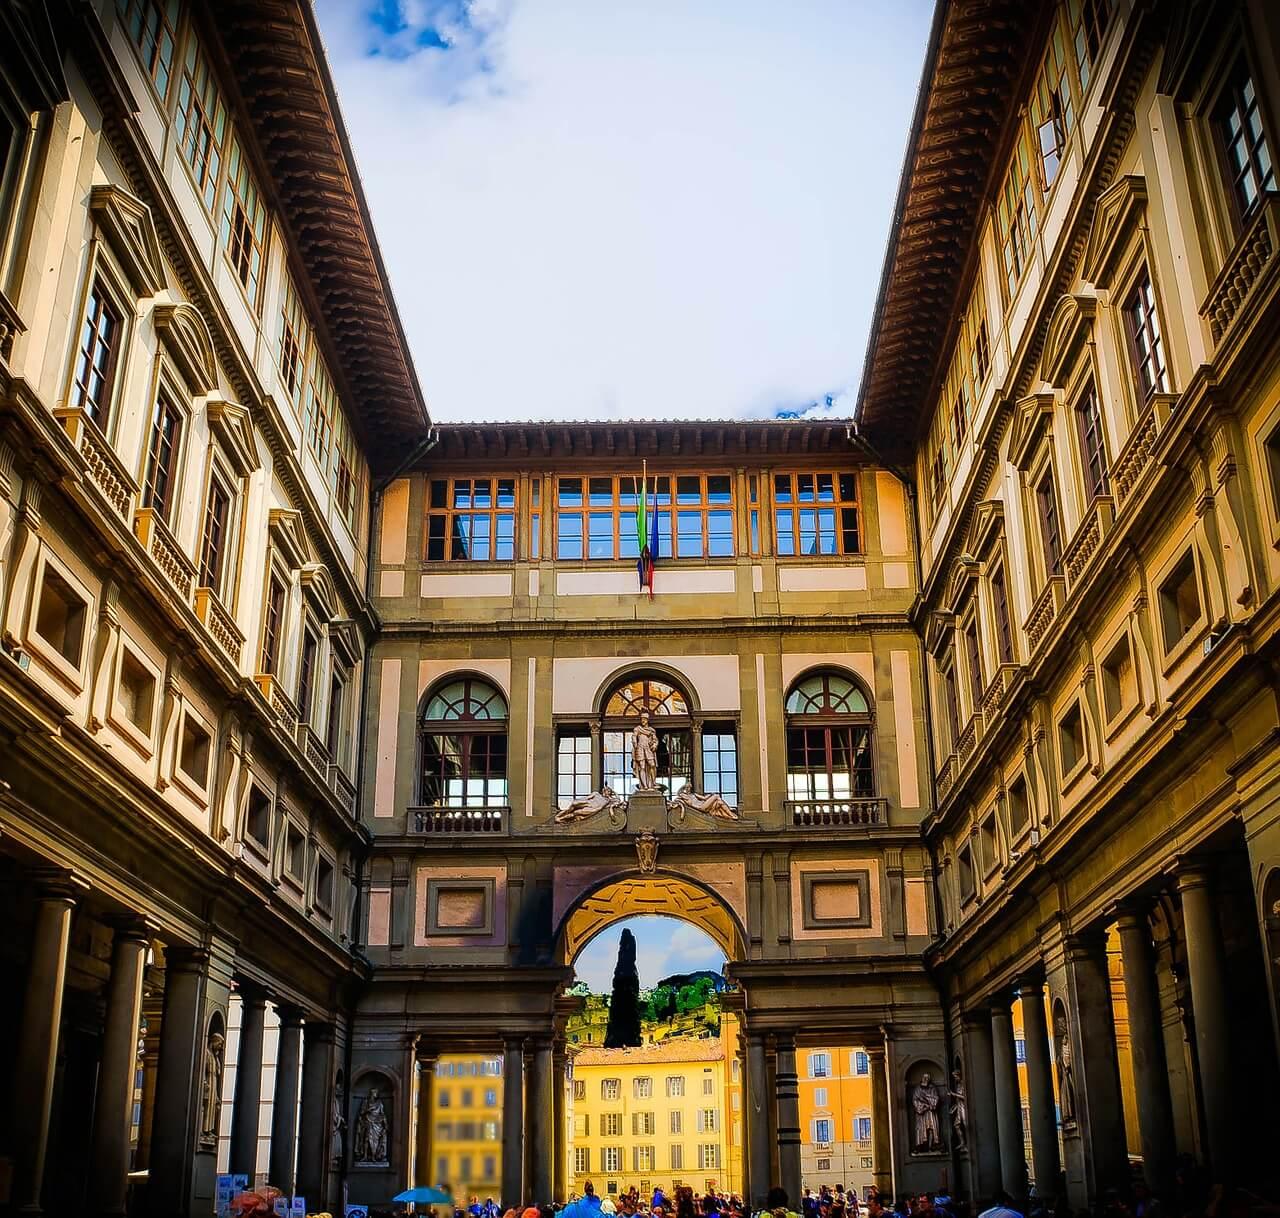 Tuscan-museums-The-Uffizi-Gallery